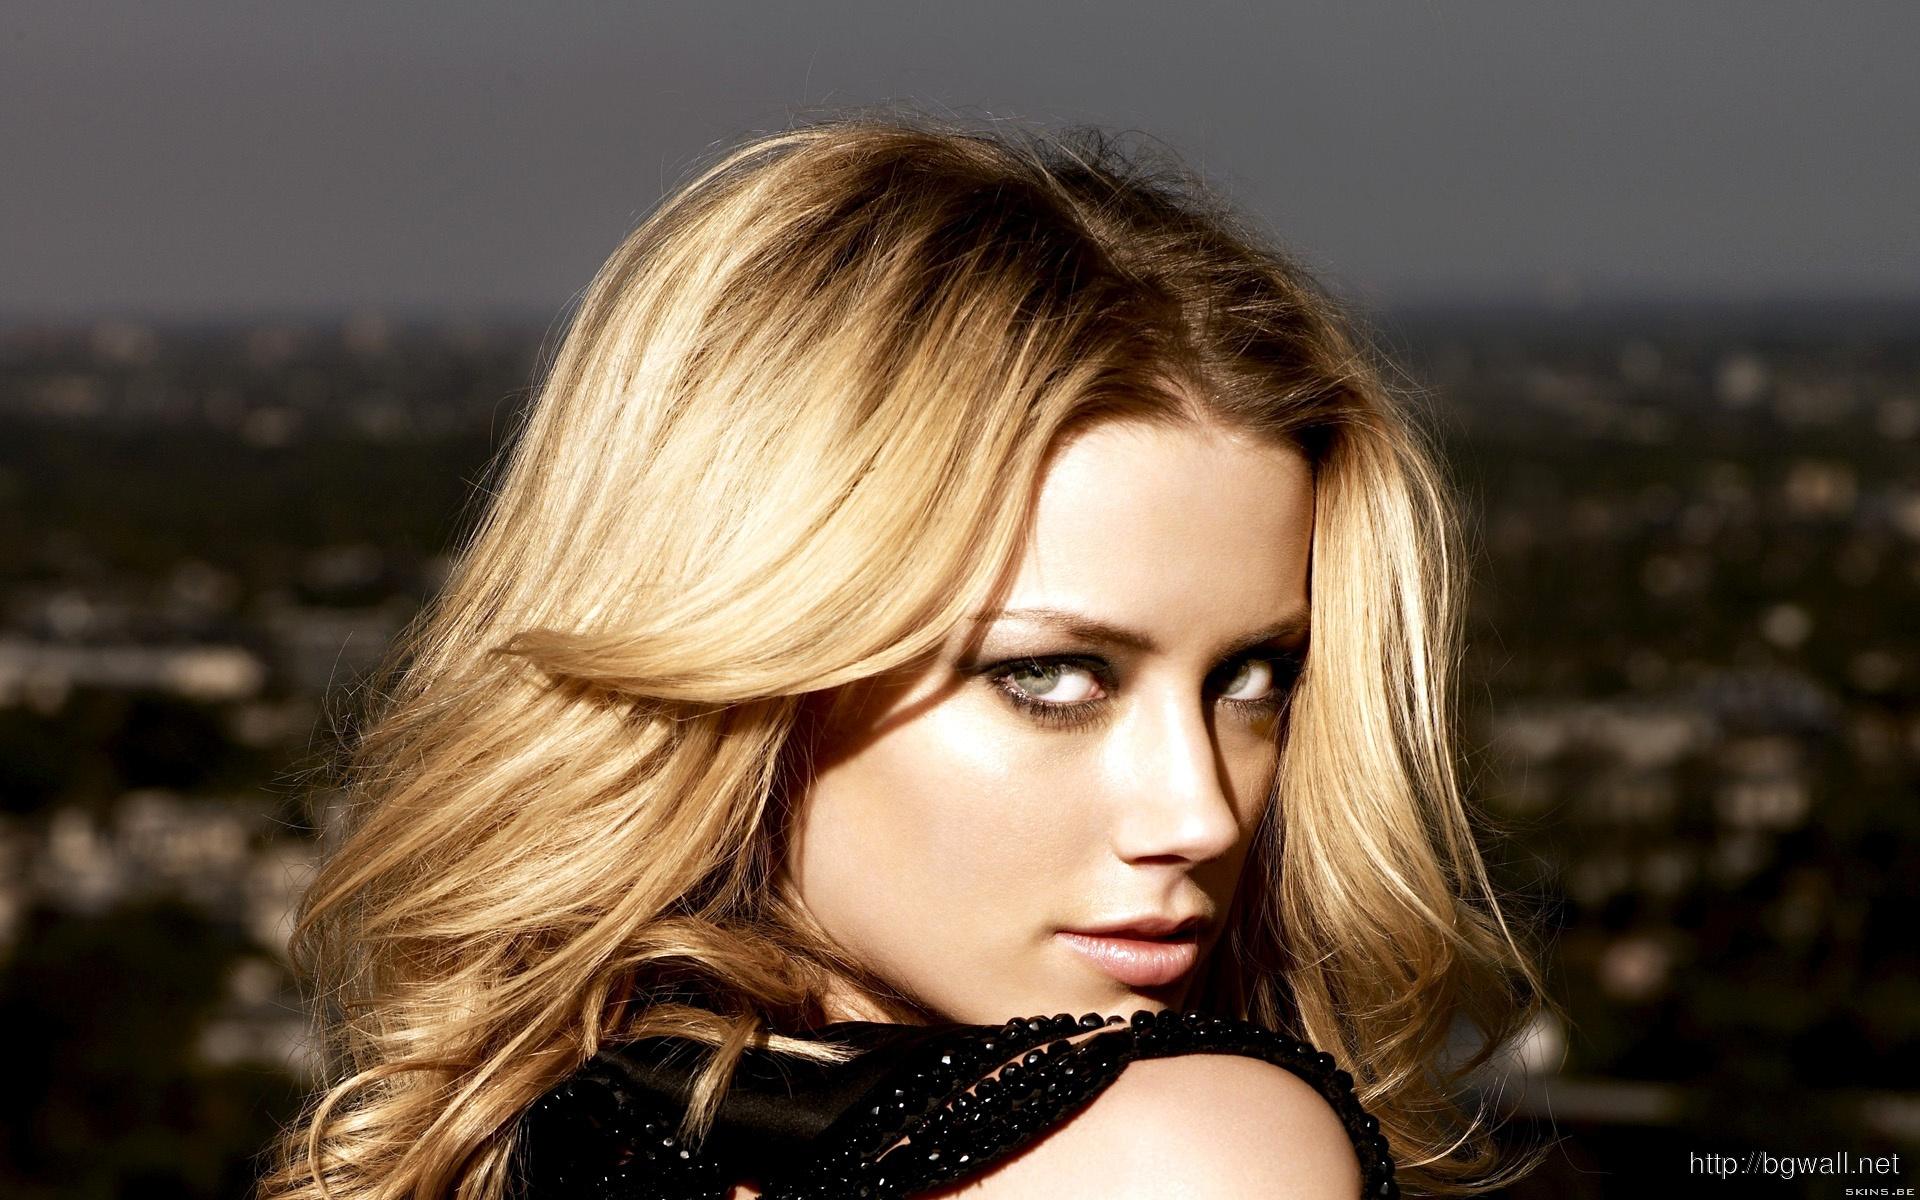 Amber Heard Wallpapers Original Girls Amber Heard Gdefon Full Size